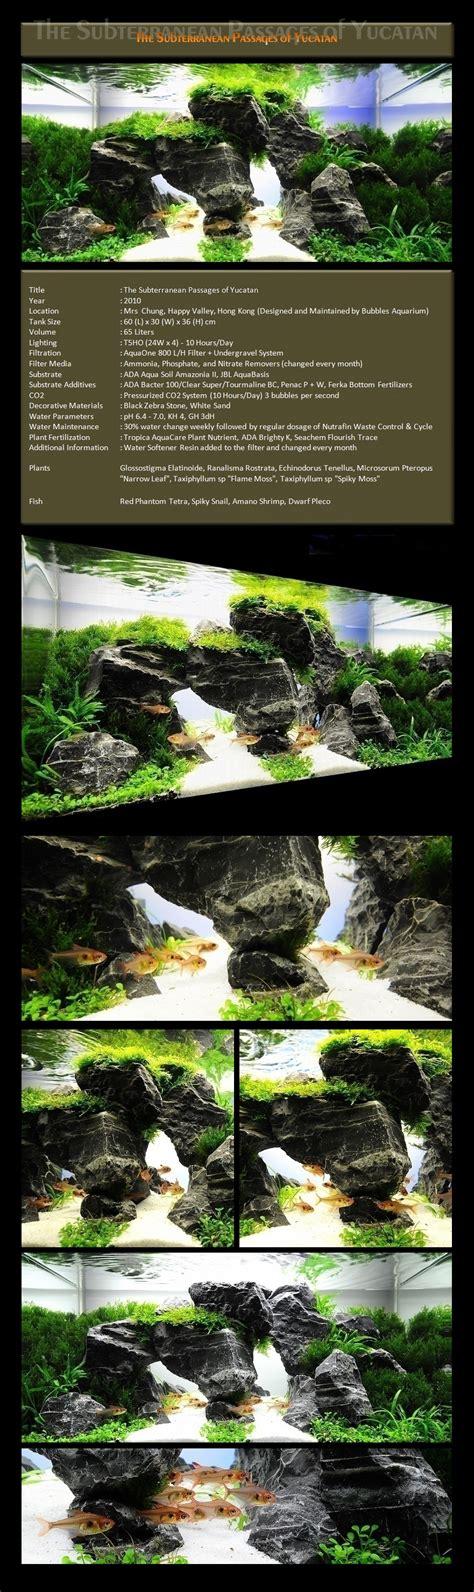 aquascape gallery bubbles aquarium aquascapes 2009 aquascaping gallery